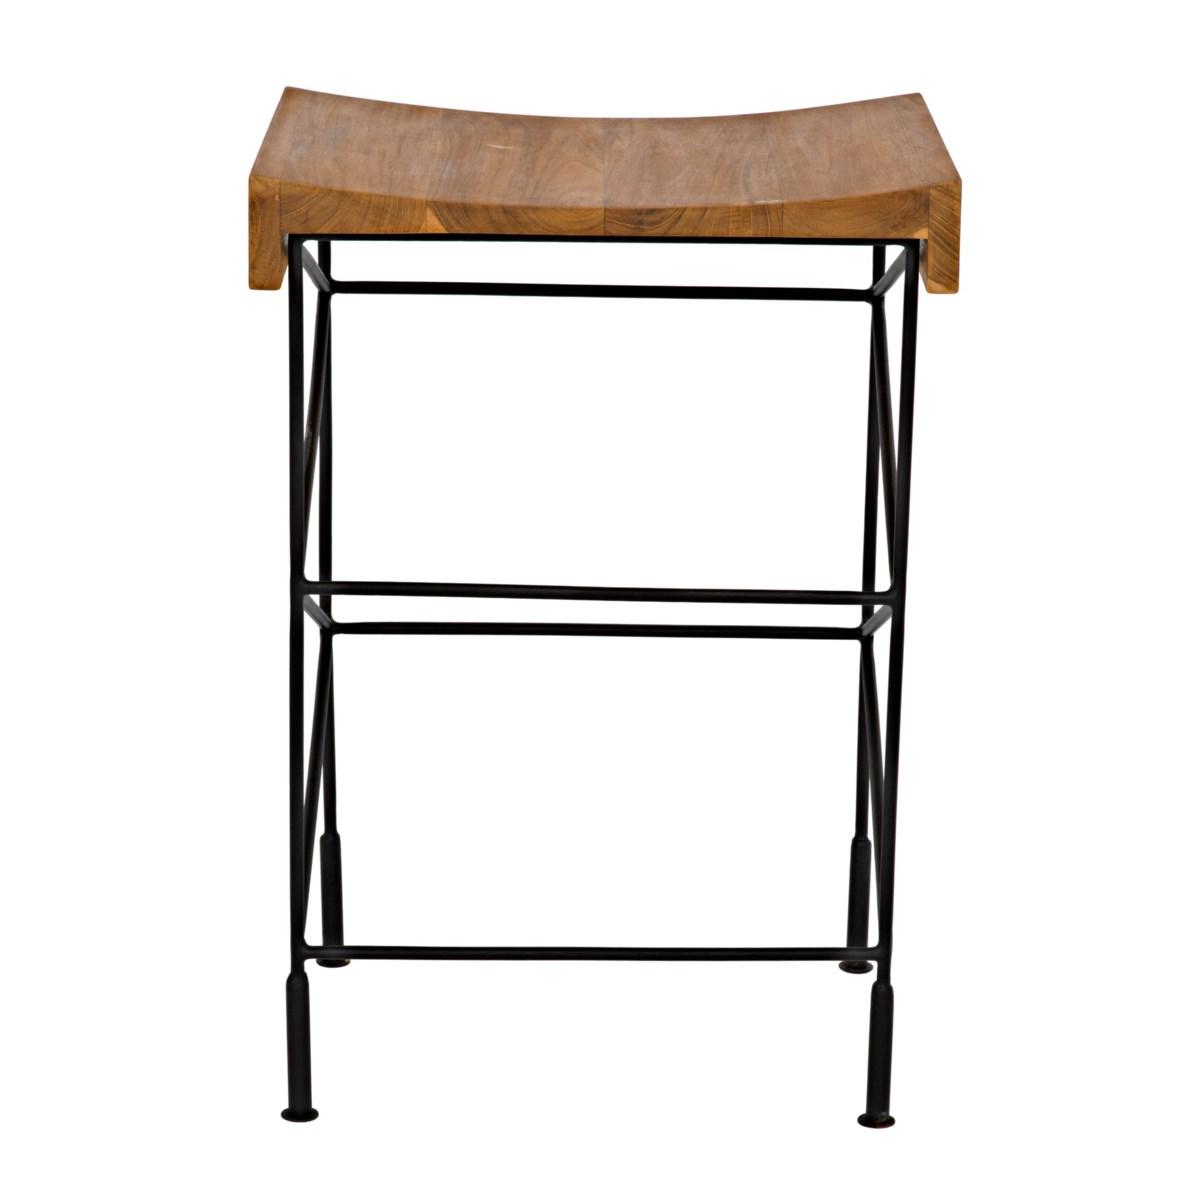 Bridge Counter Stool Teak Seat w/Metal